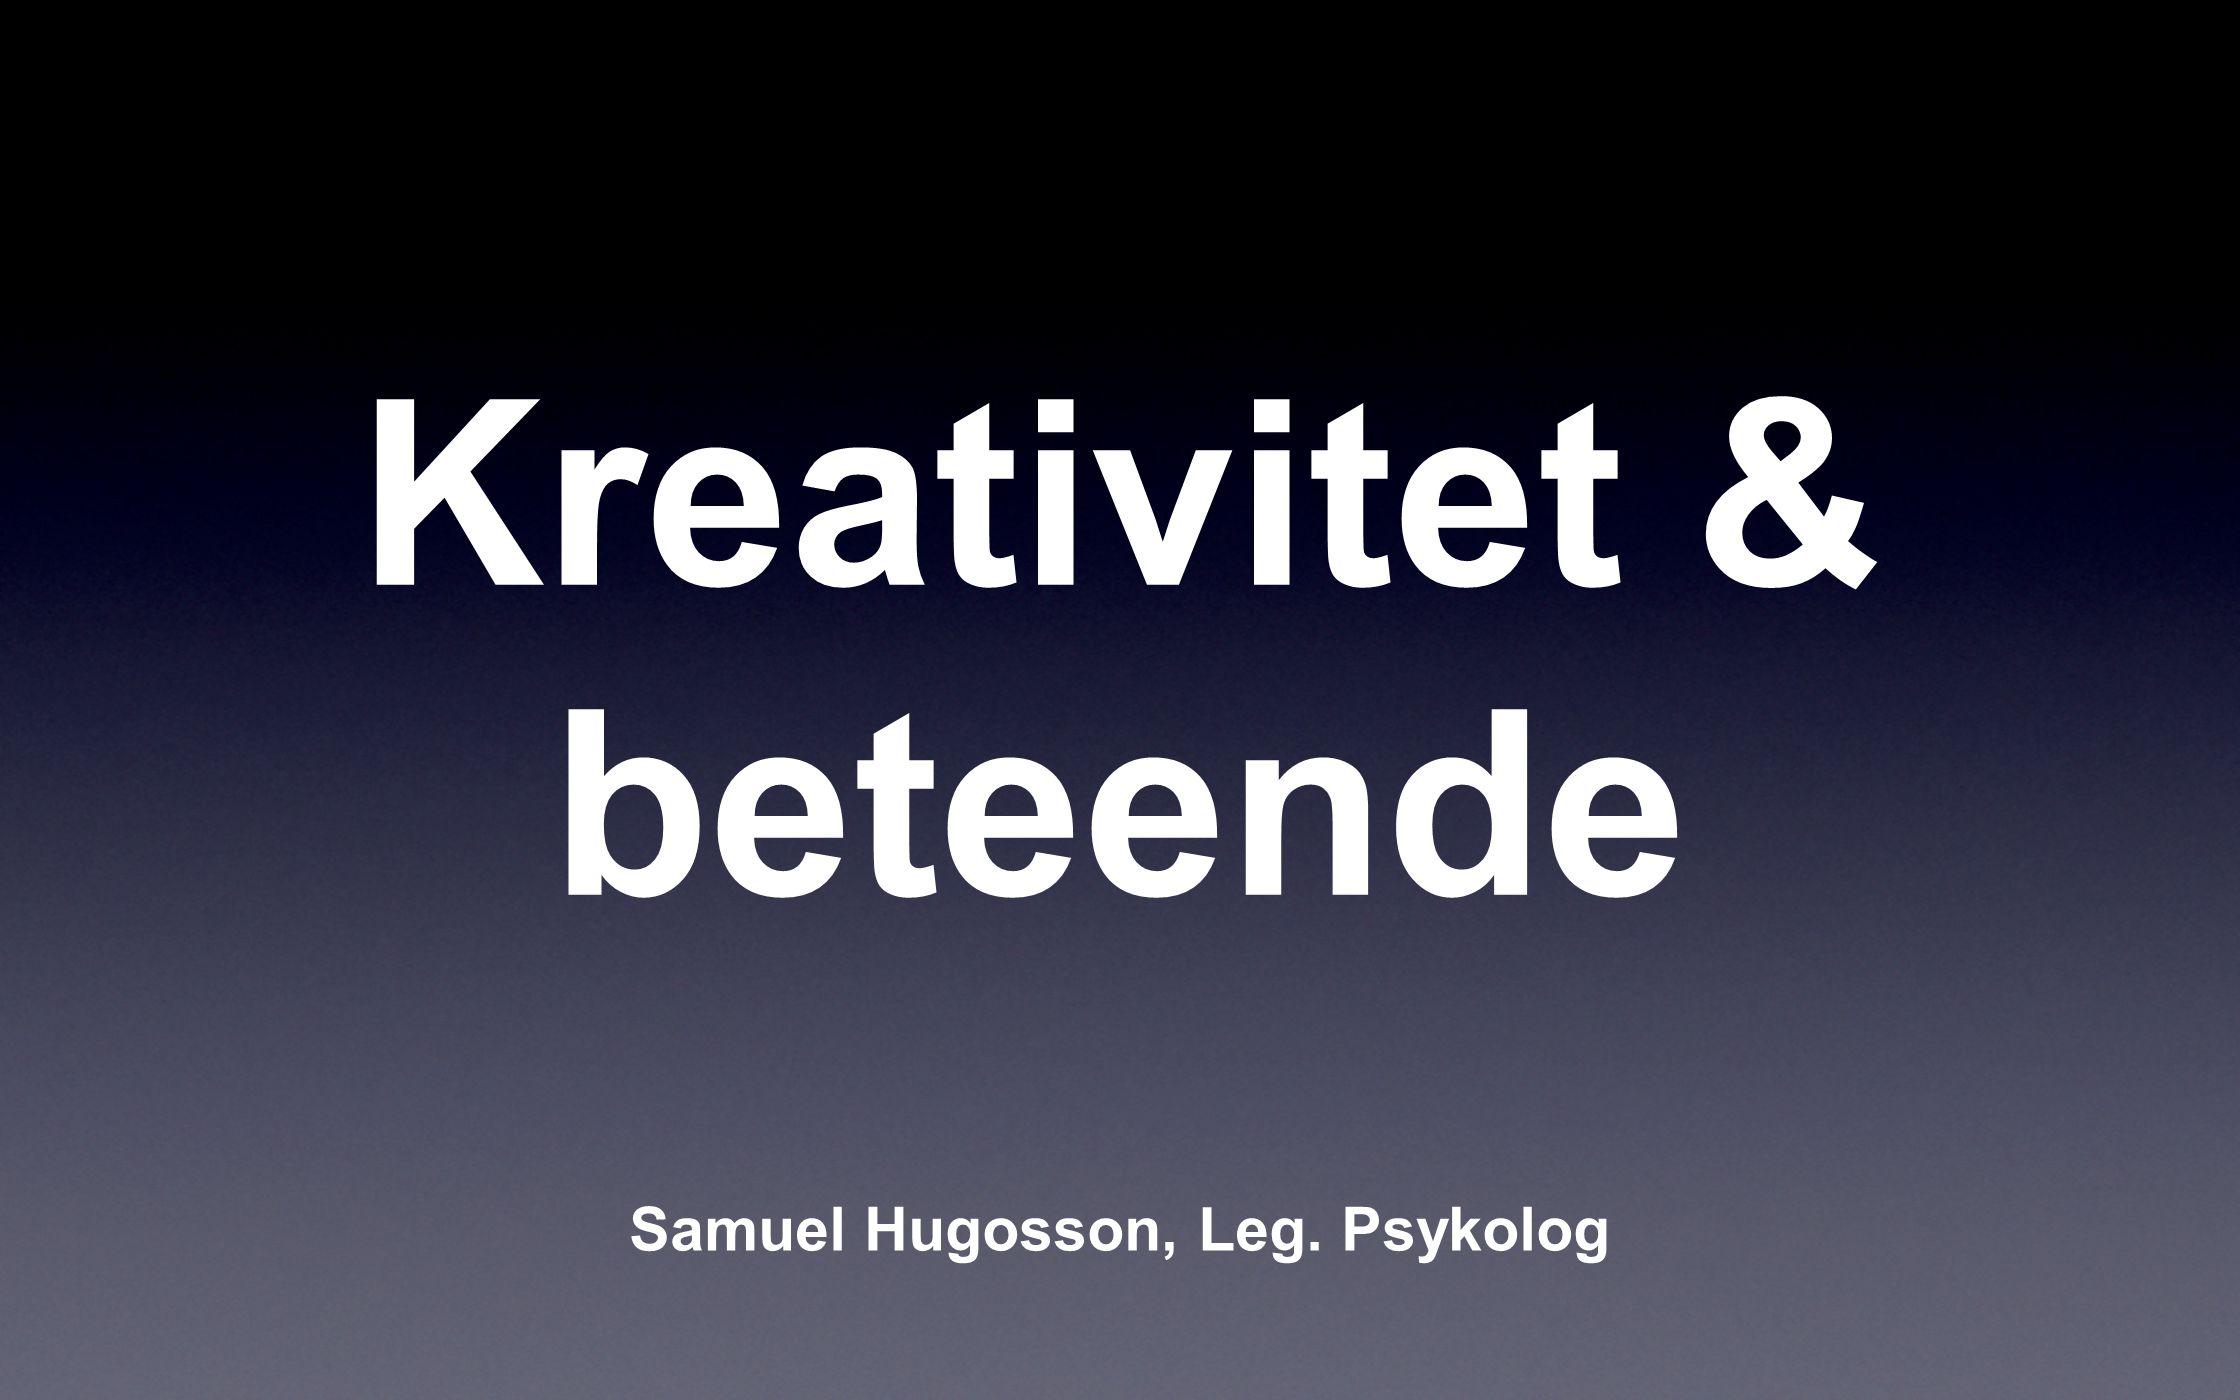 Kreativitet & beteende Samuel Hugosson, Leg. Psykolog